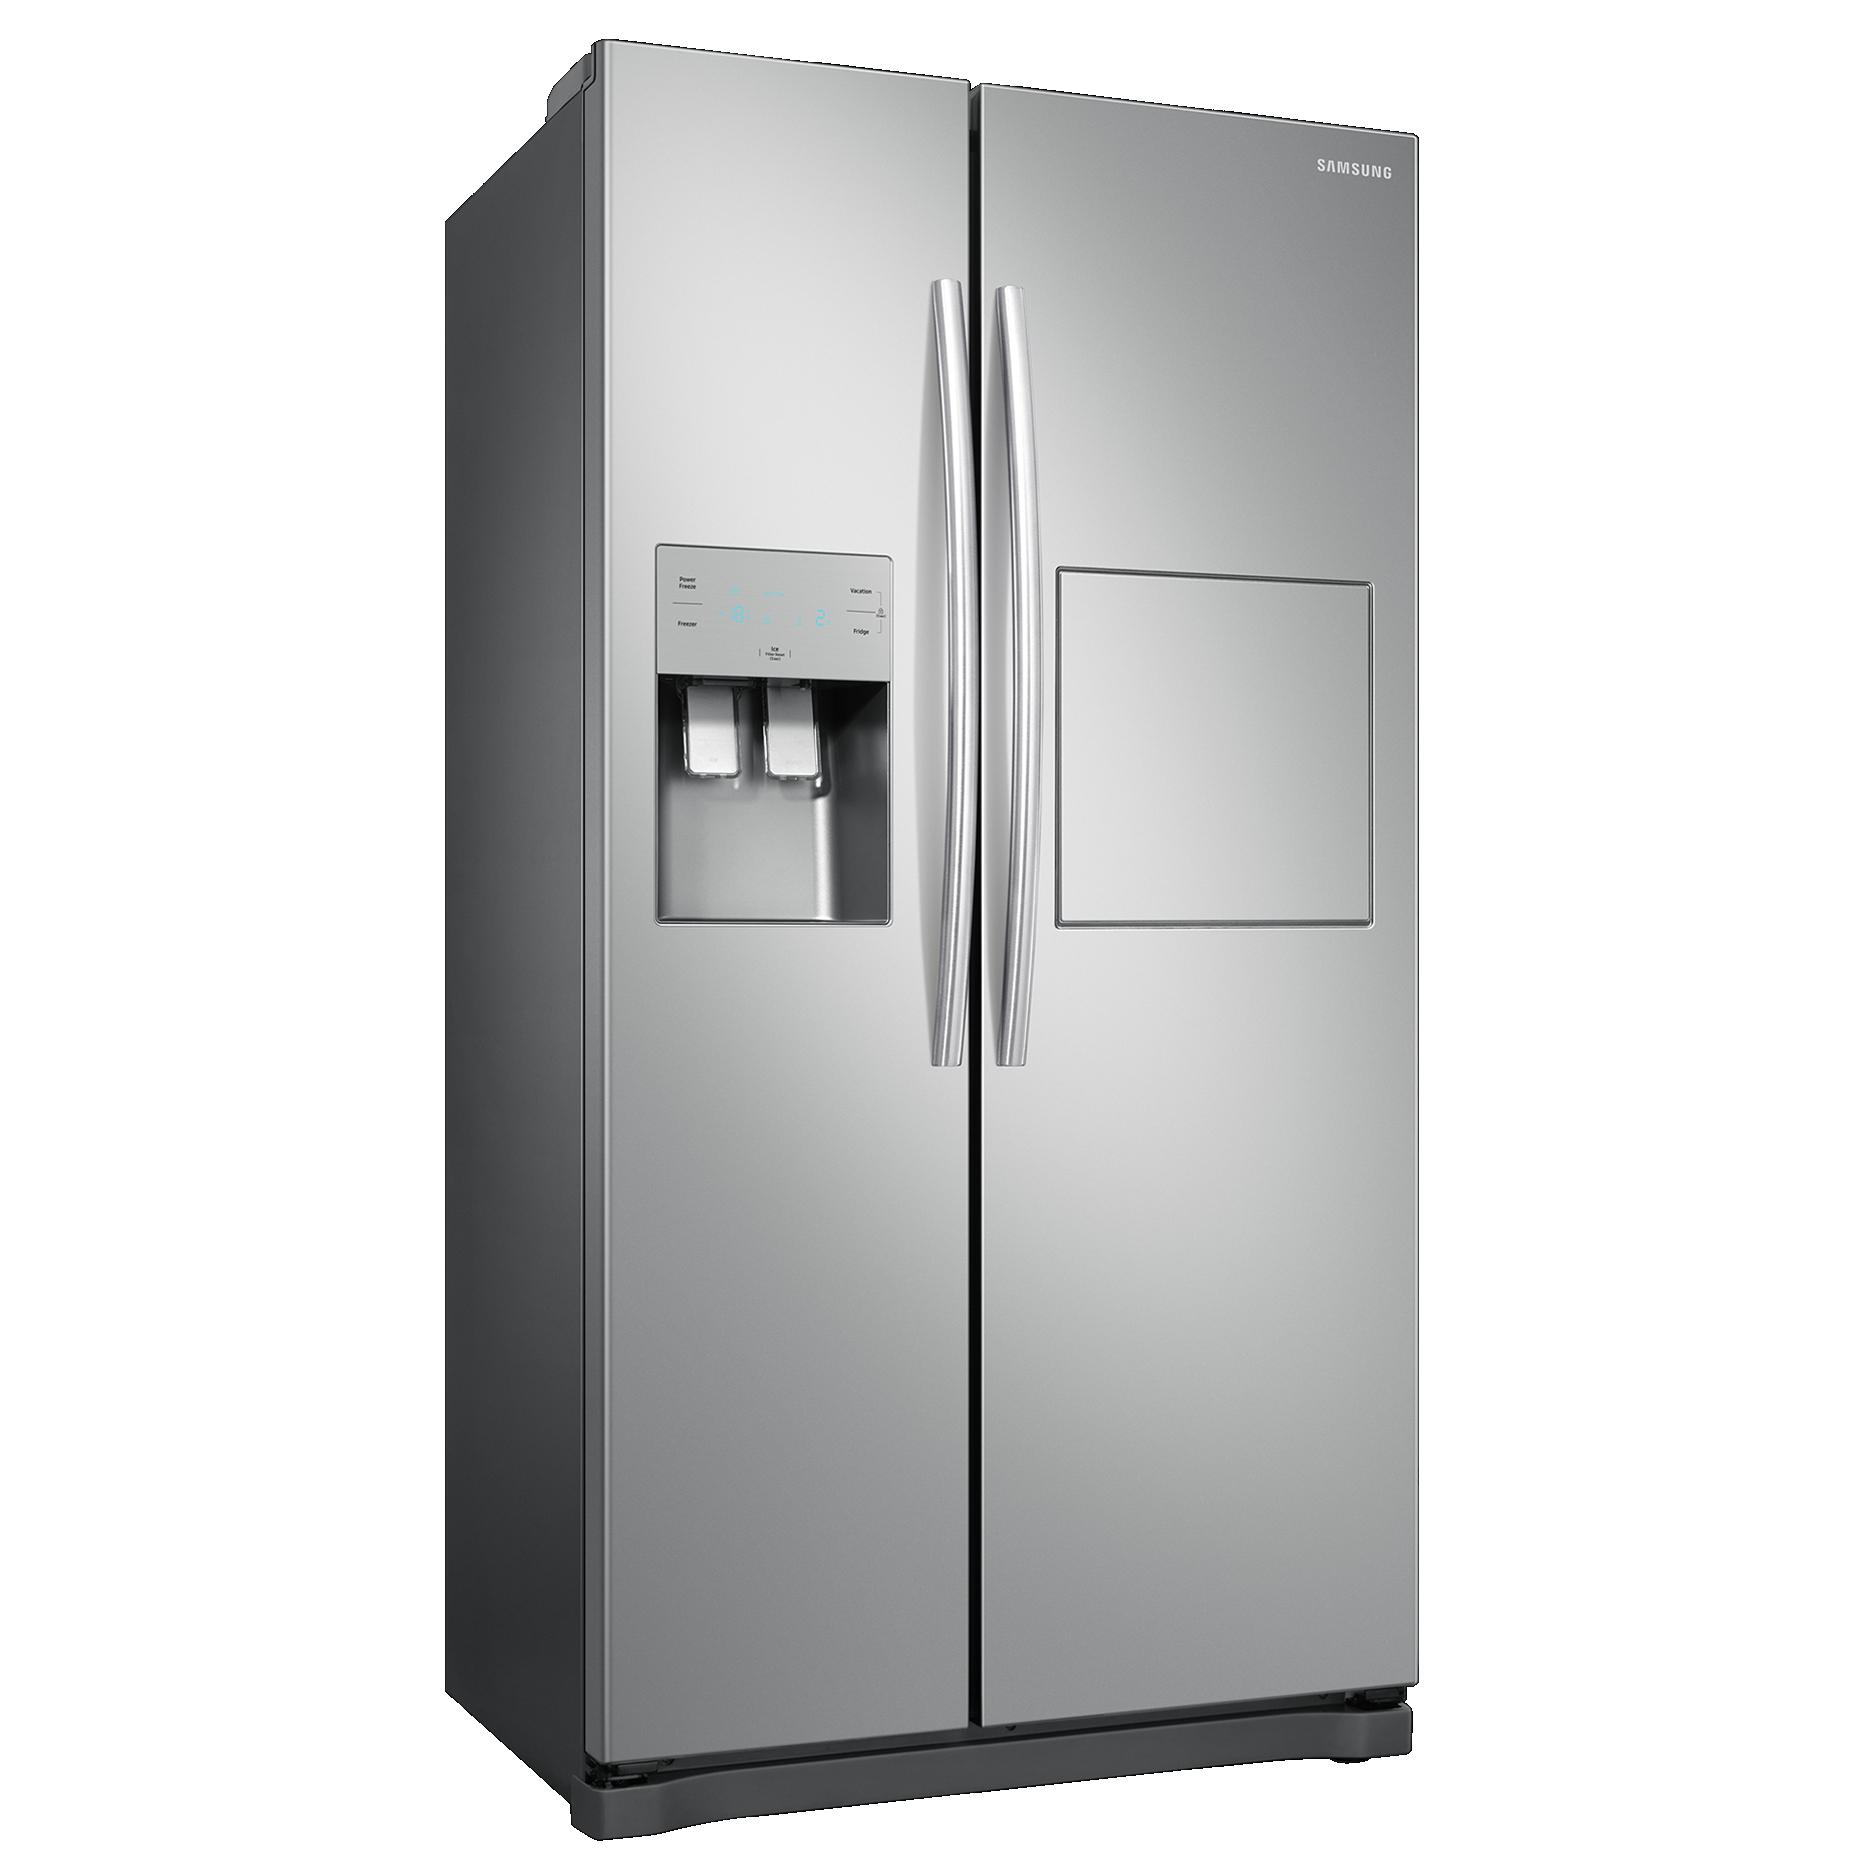 Réfrigérateur américain Samsung RS50N3803SA - 501L (357 + 144), Froid ventilé, Distributeur eau/glaçons, Home Bar, A+ (Via ODR de 80€)